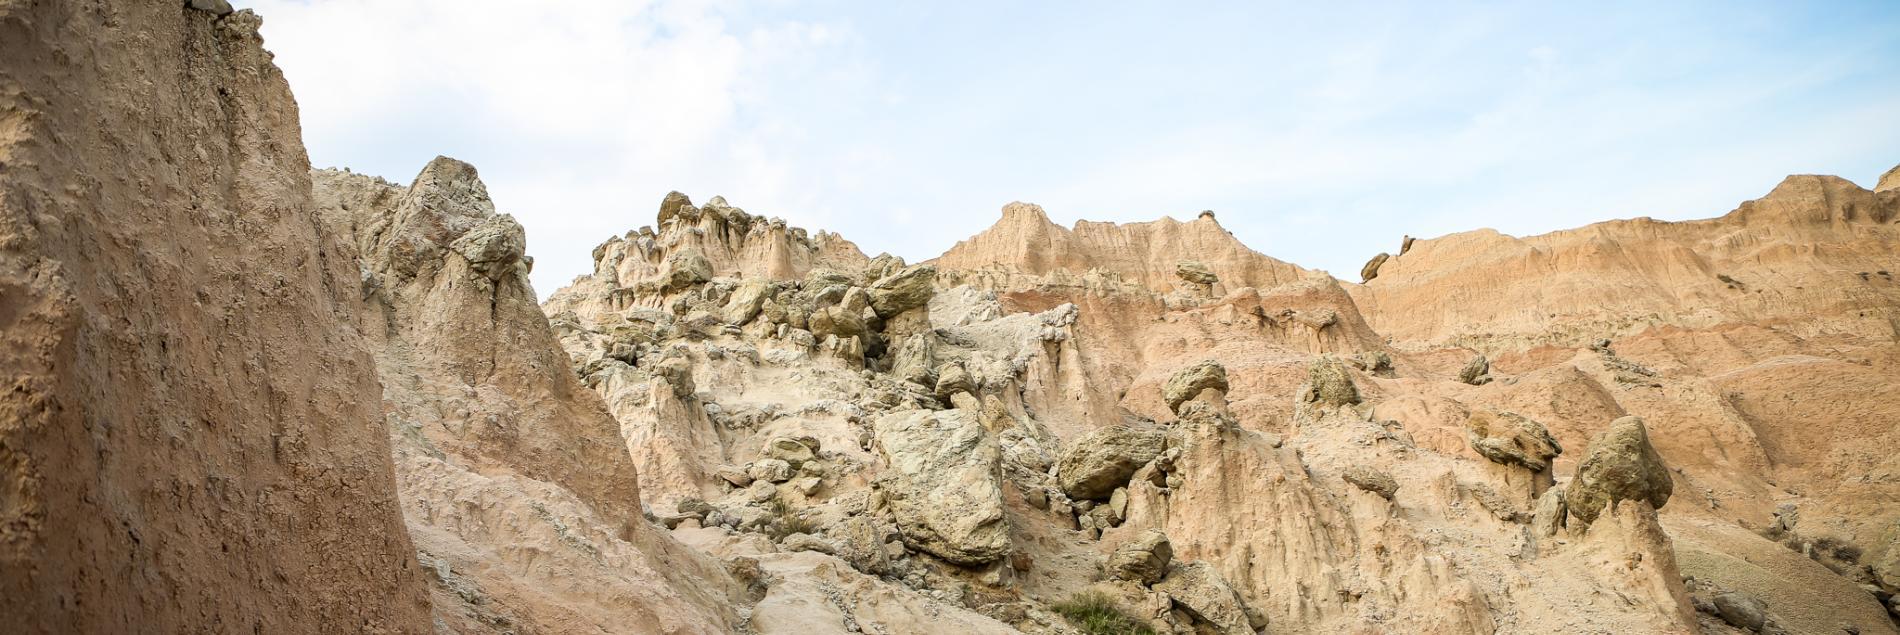 Saddle Pass